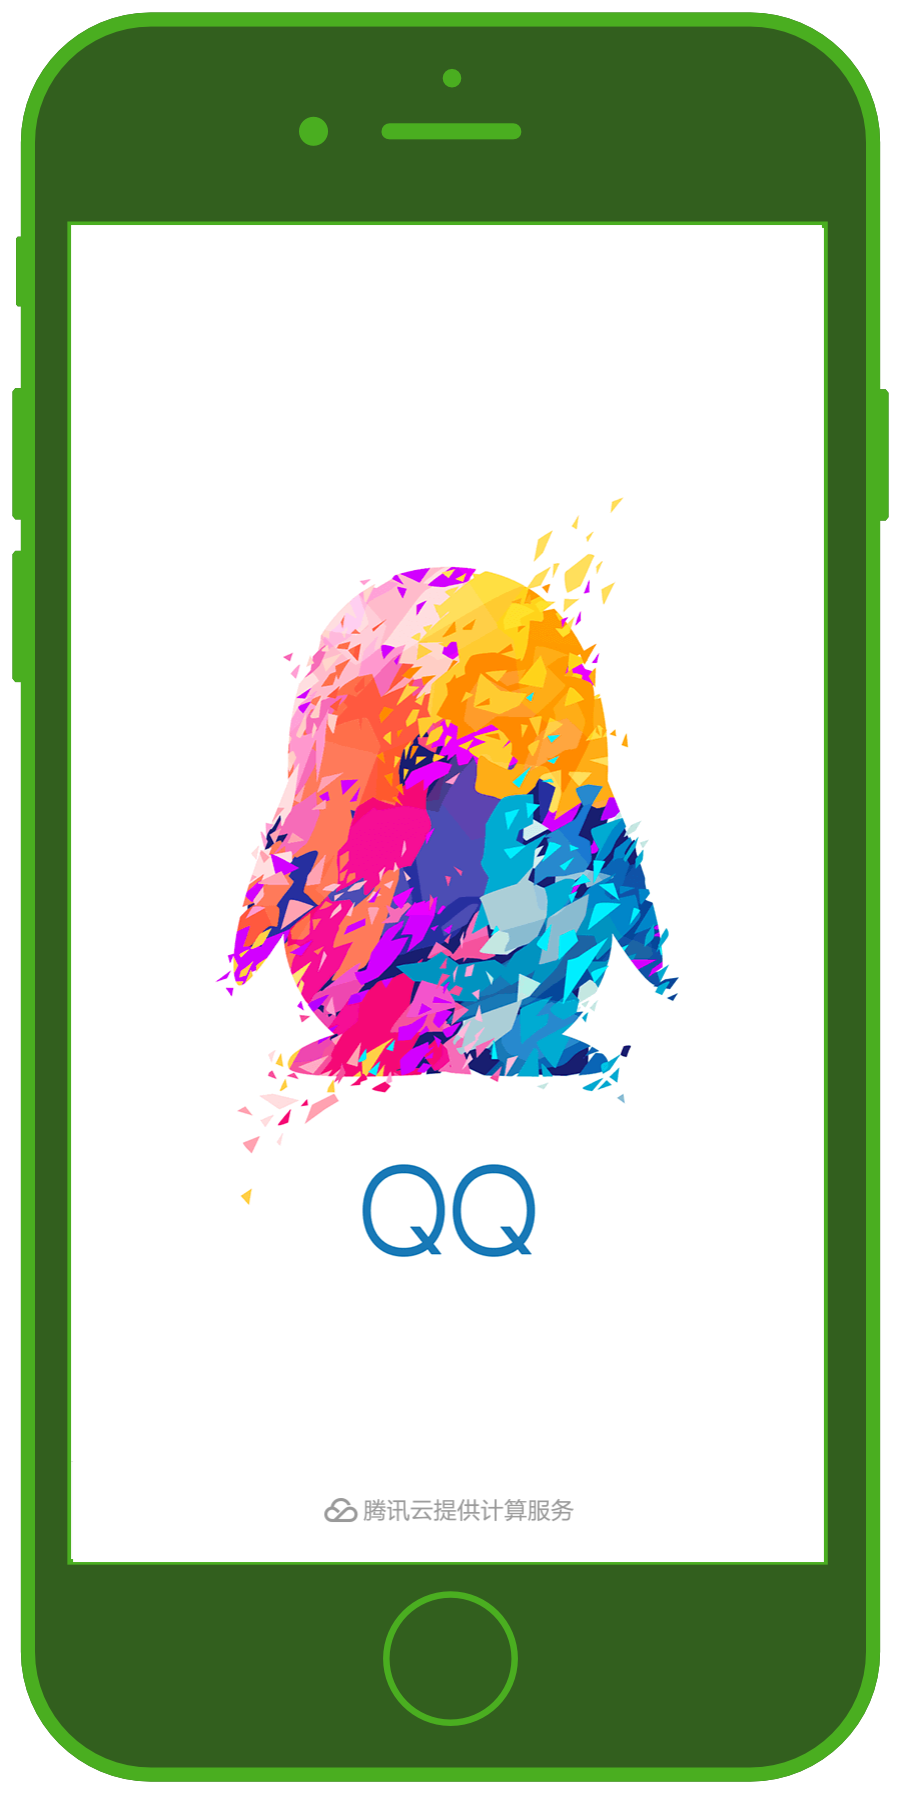 Messaging Apps & Brands: Der QQ Messenger | MessengerPeople